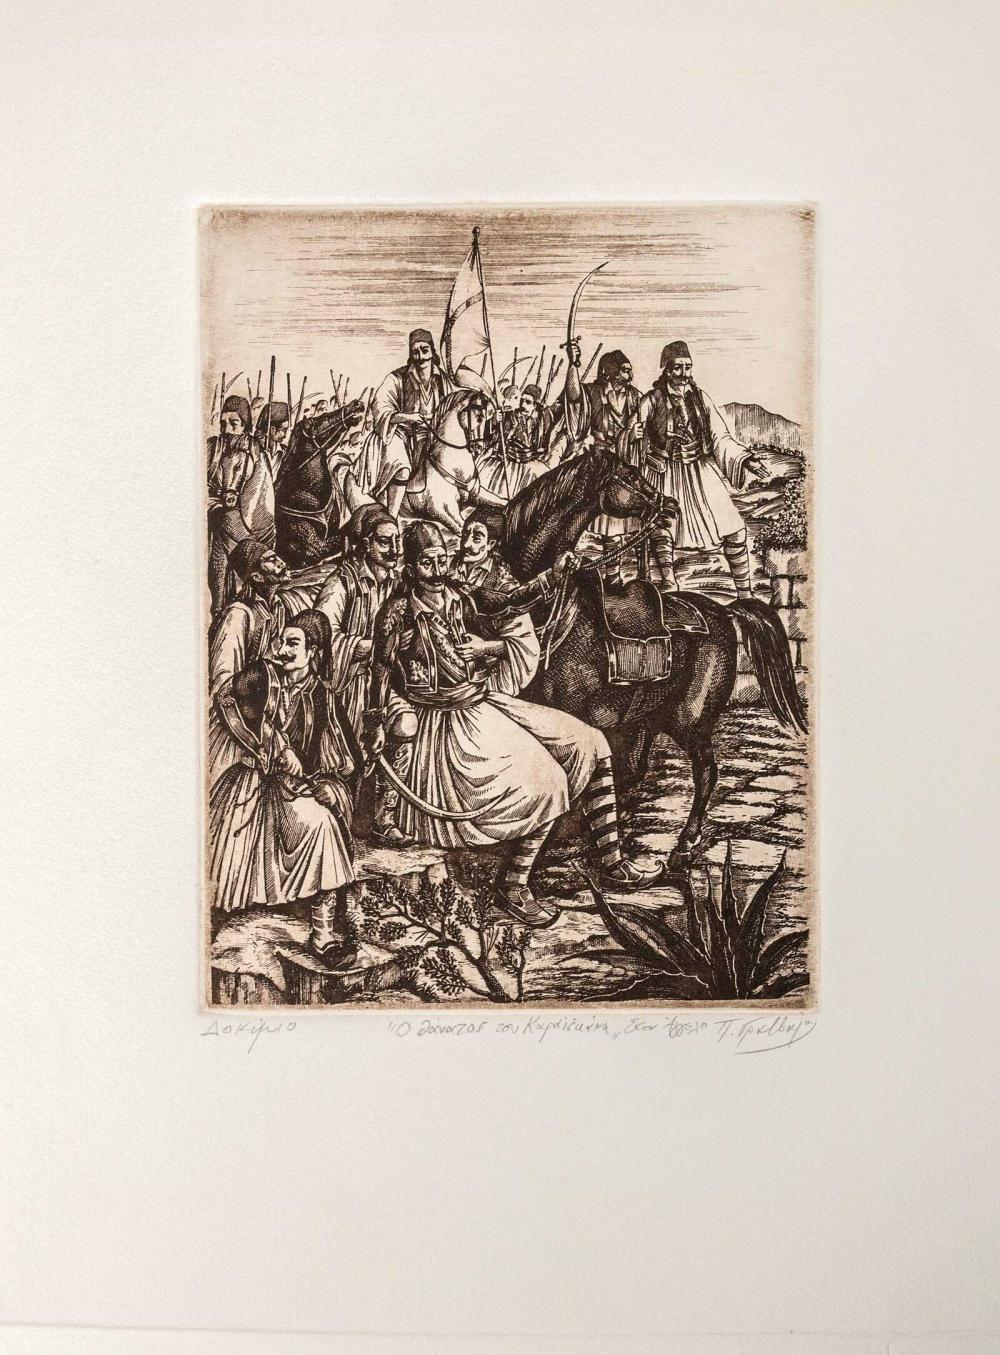 """ΓΡΑΒΒΑΛΟΣ Παναγιώτης(χαράκτης), """"Ο Θάνατος του Καραϊσκάκη"""",... - Greece - 20TH CENT. WORLD ENGRAVINGS & PRINTS"""